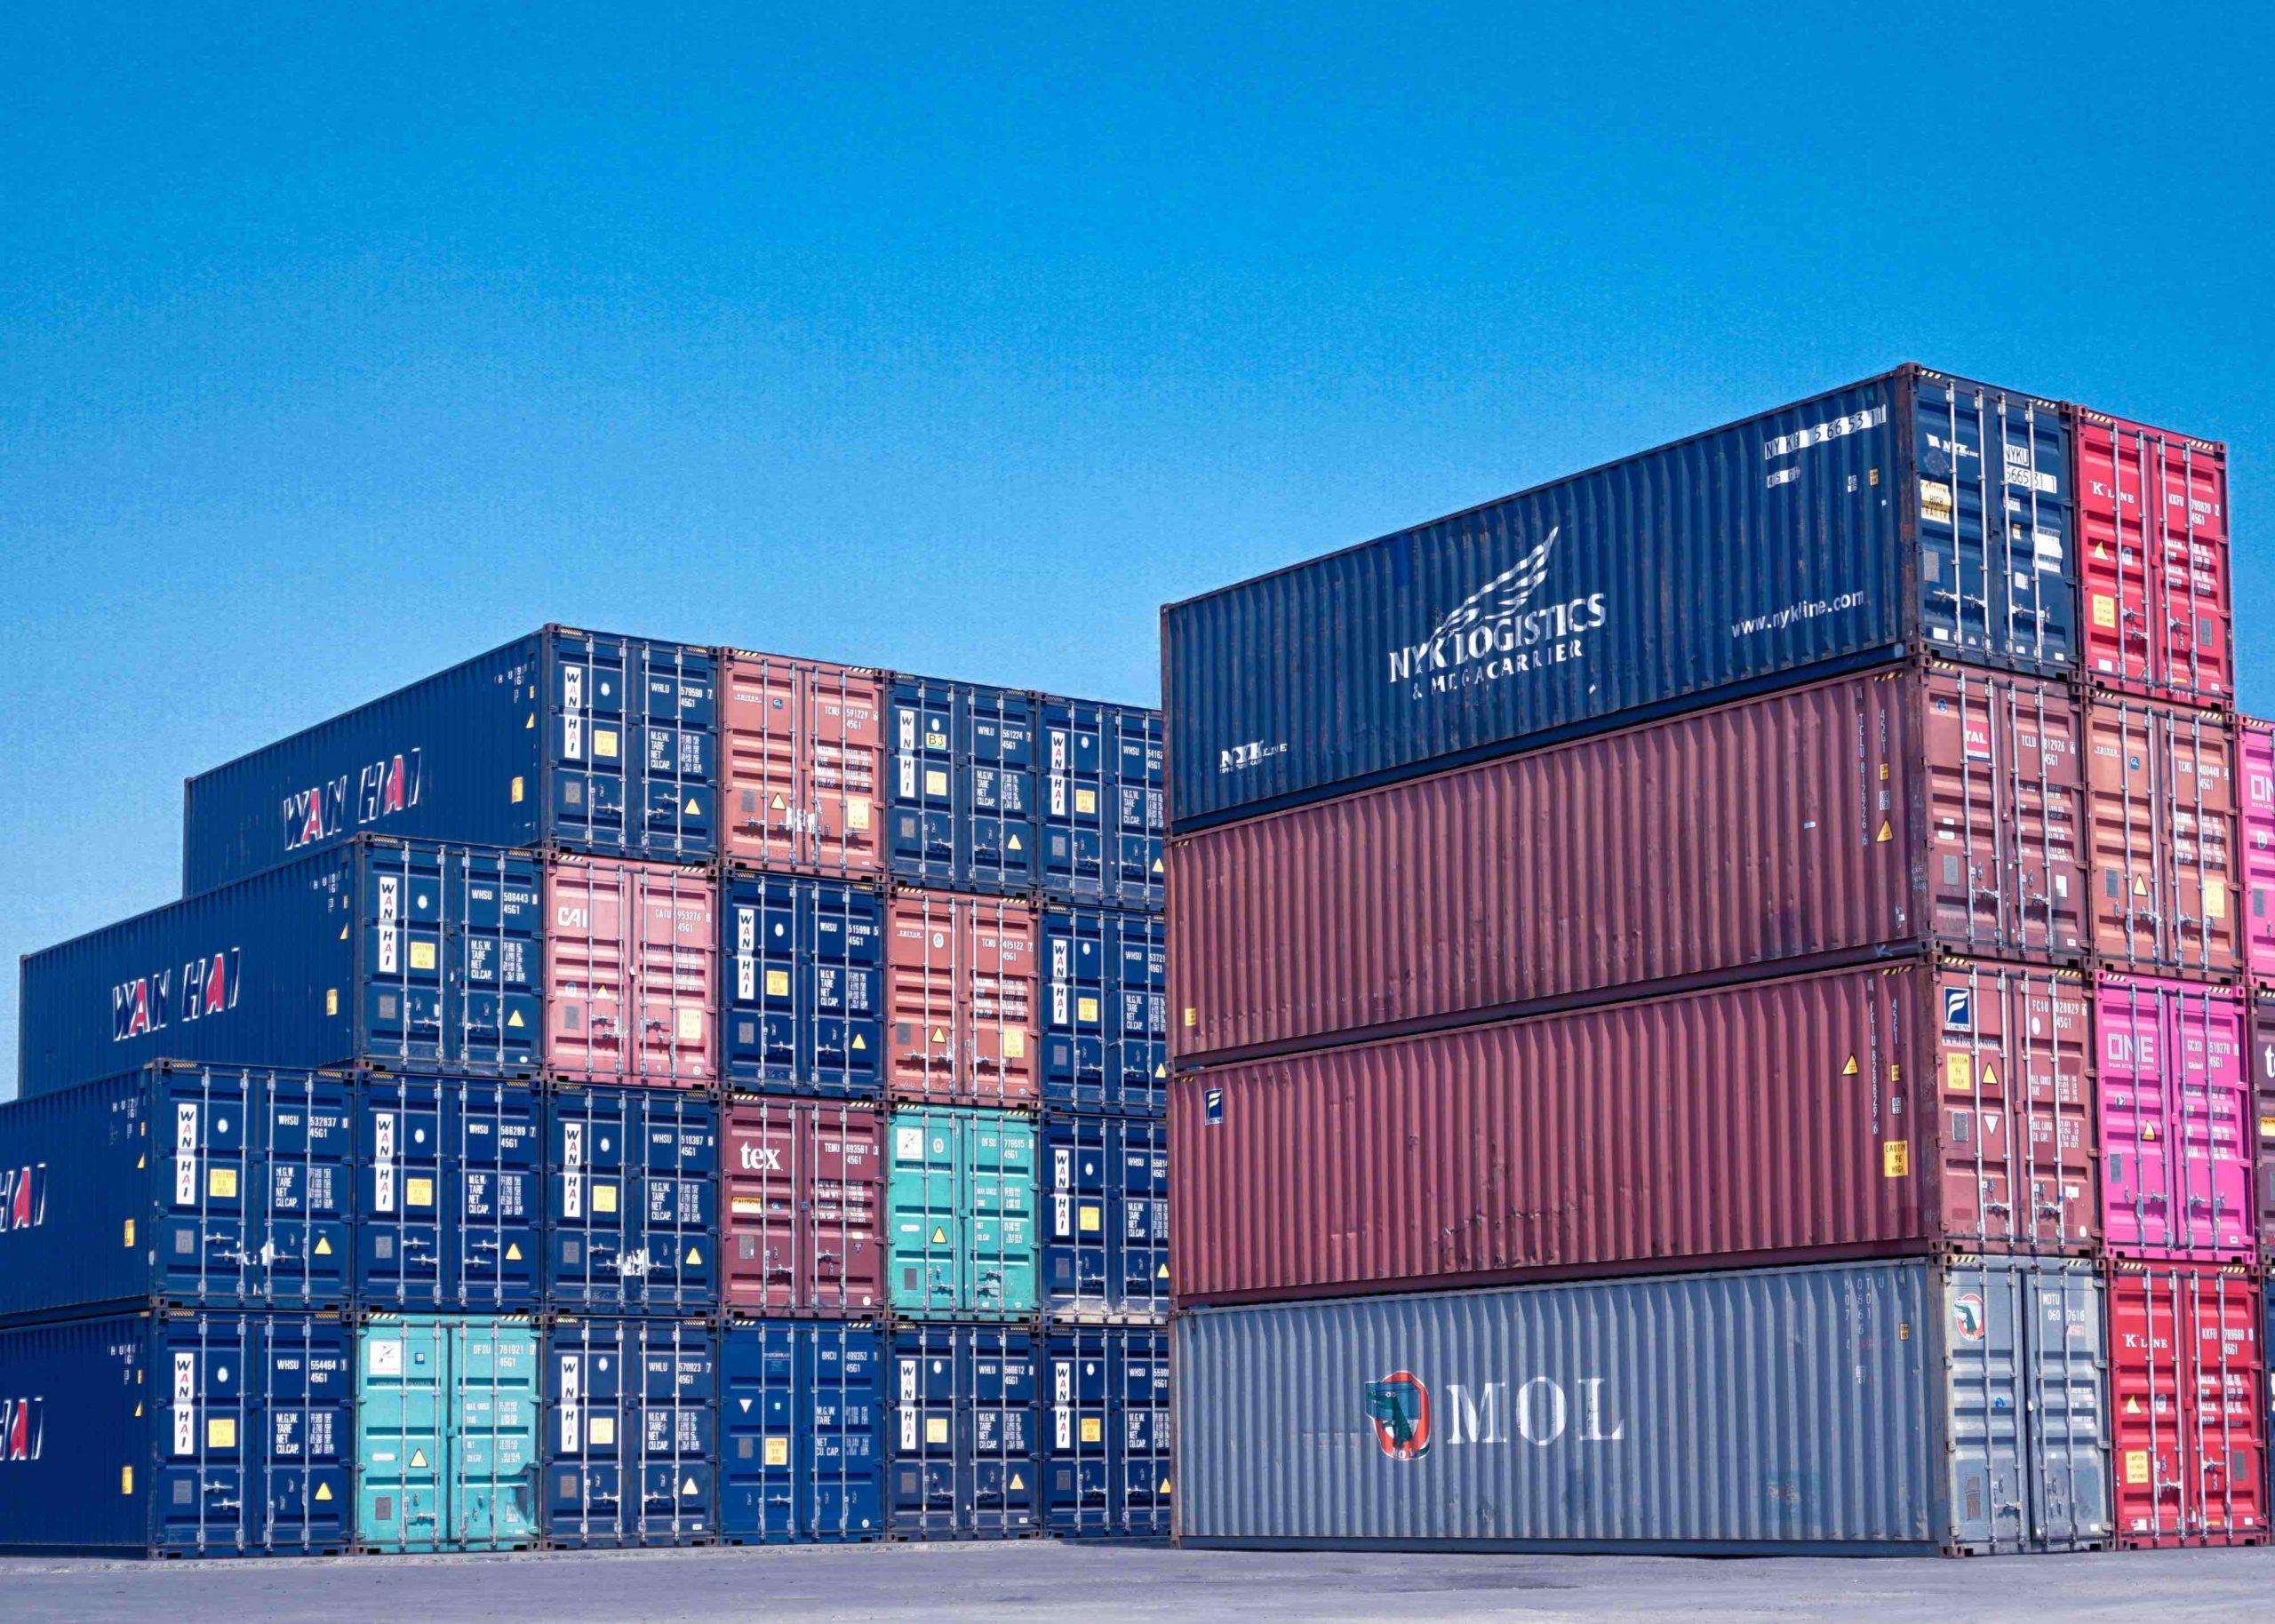 Container auf dem Seeweg verschiffen? Dafür gibt es Ihre Seefracht Spedition Hamburg.